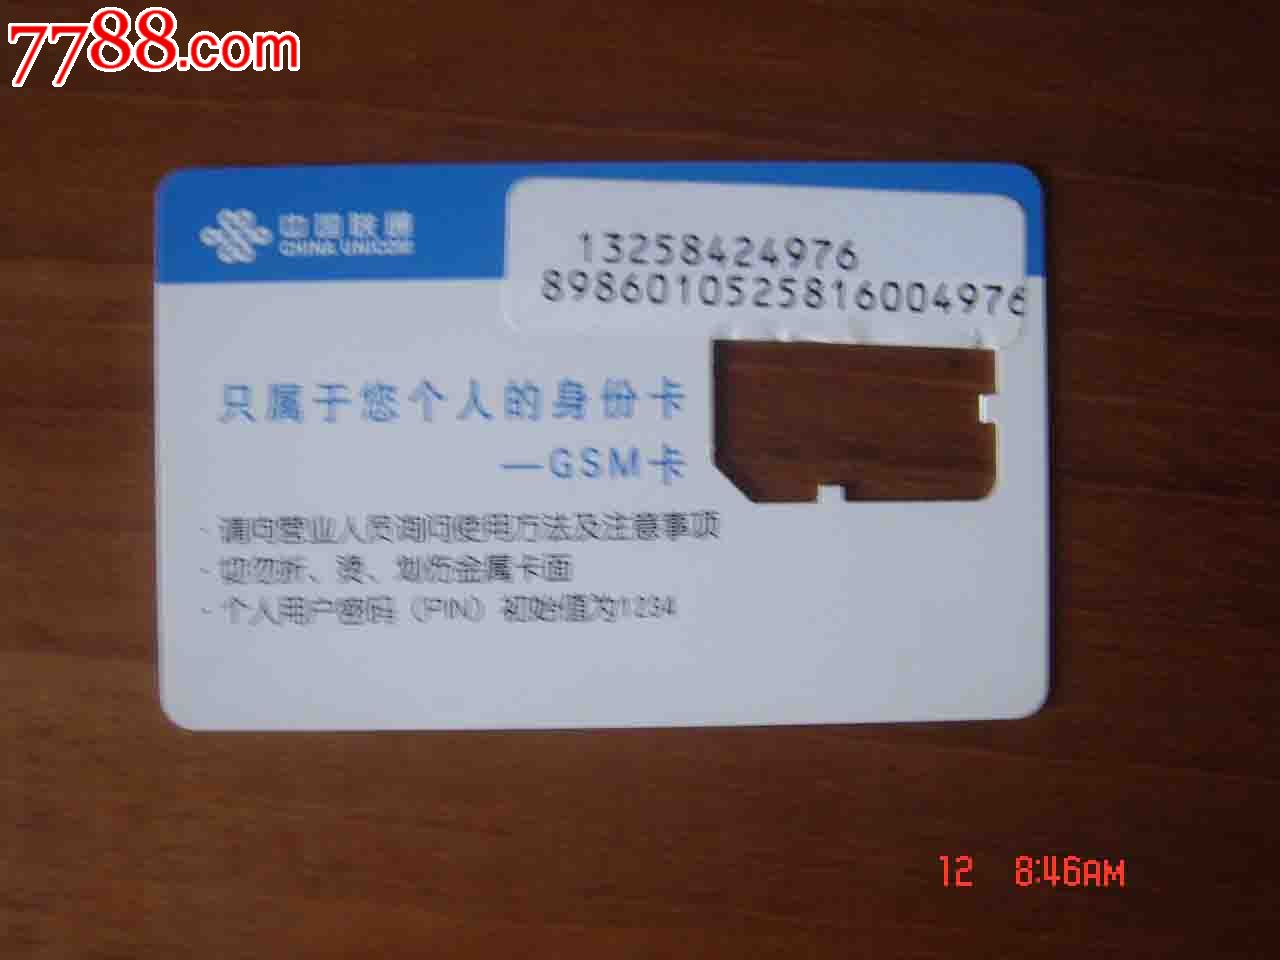 中国联通手机卡_价格元_第2张_中国收藏热线